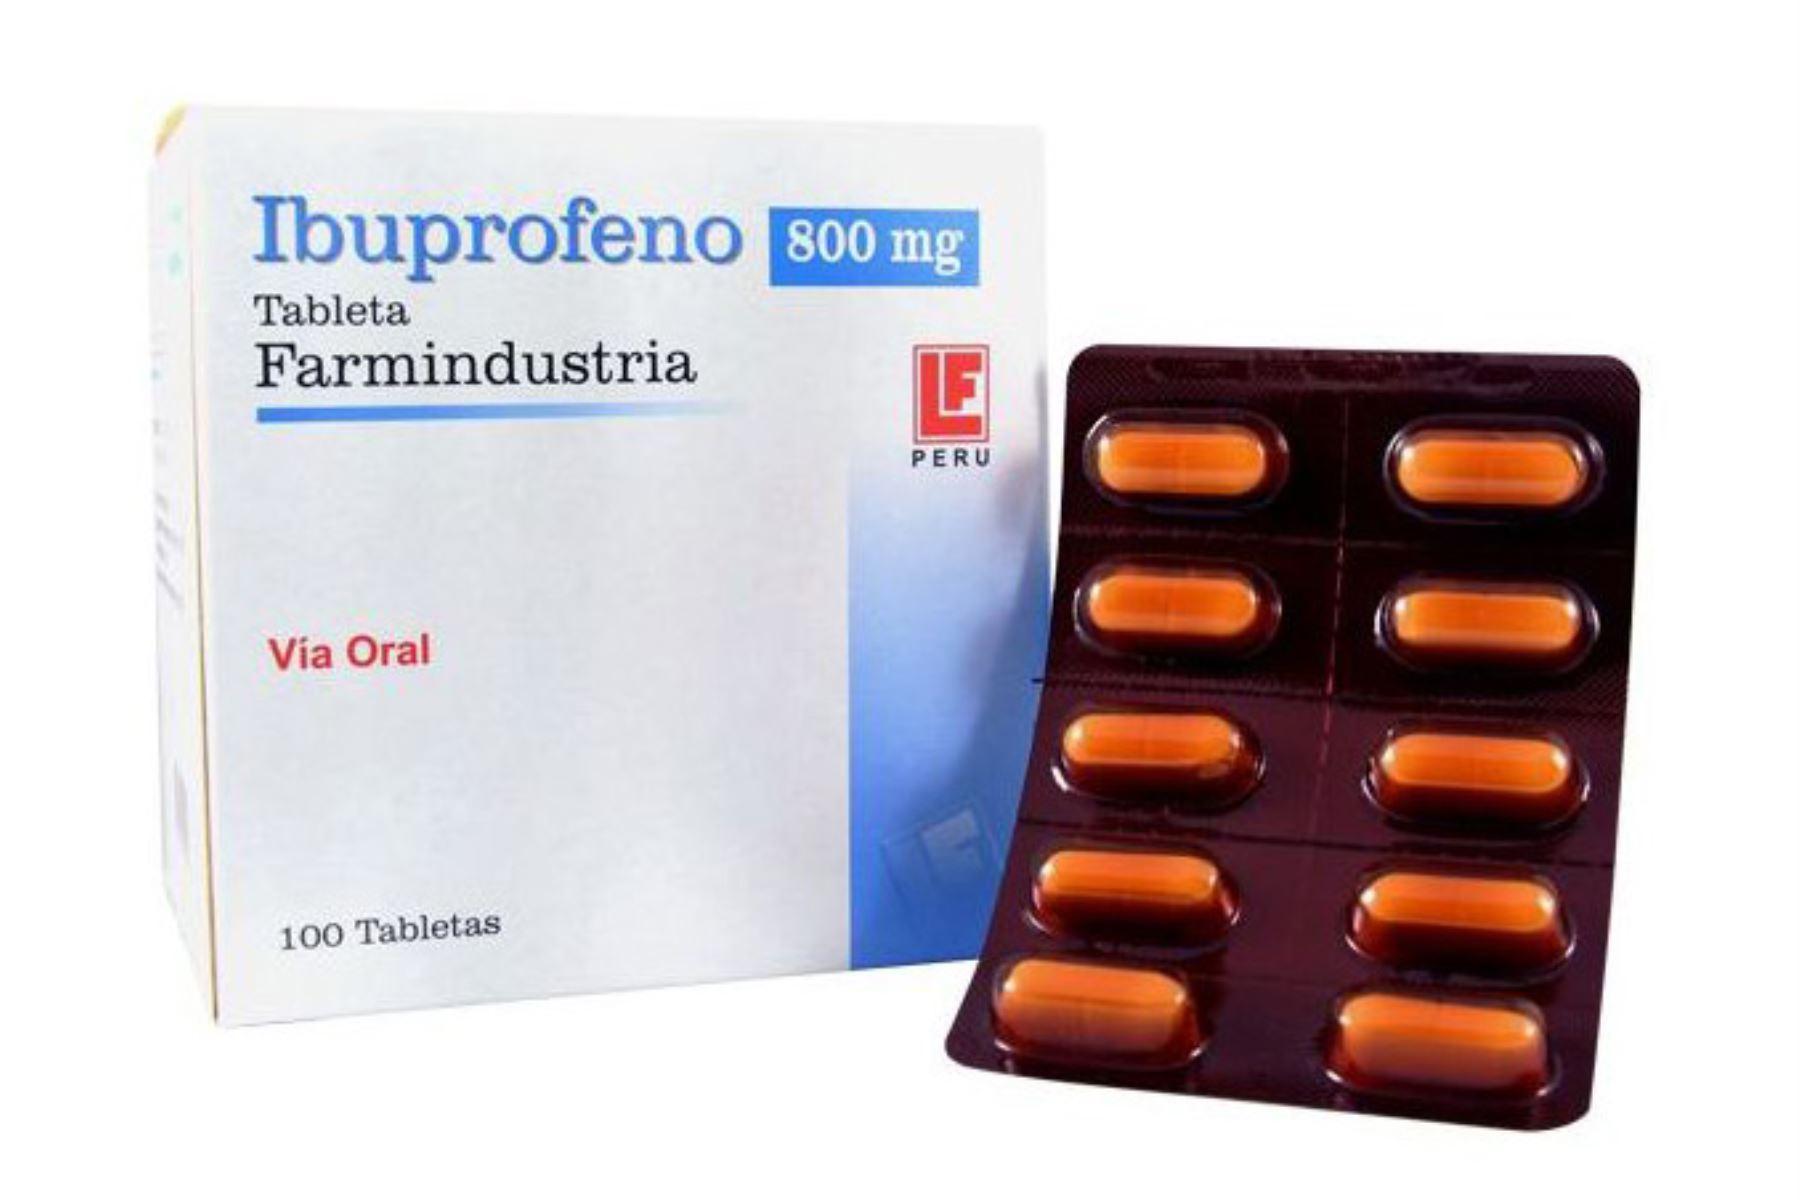 El uso de este tipo de medicamentos está generalizado contra la fiebre y dolores comunes. Foto: Internet.